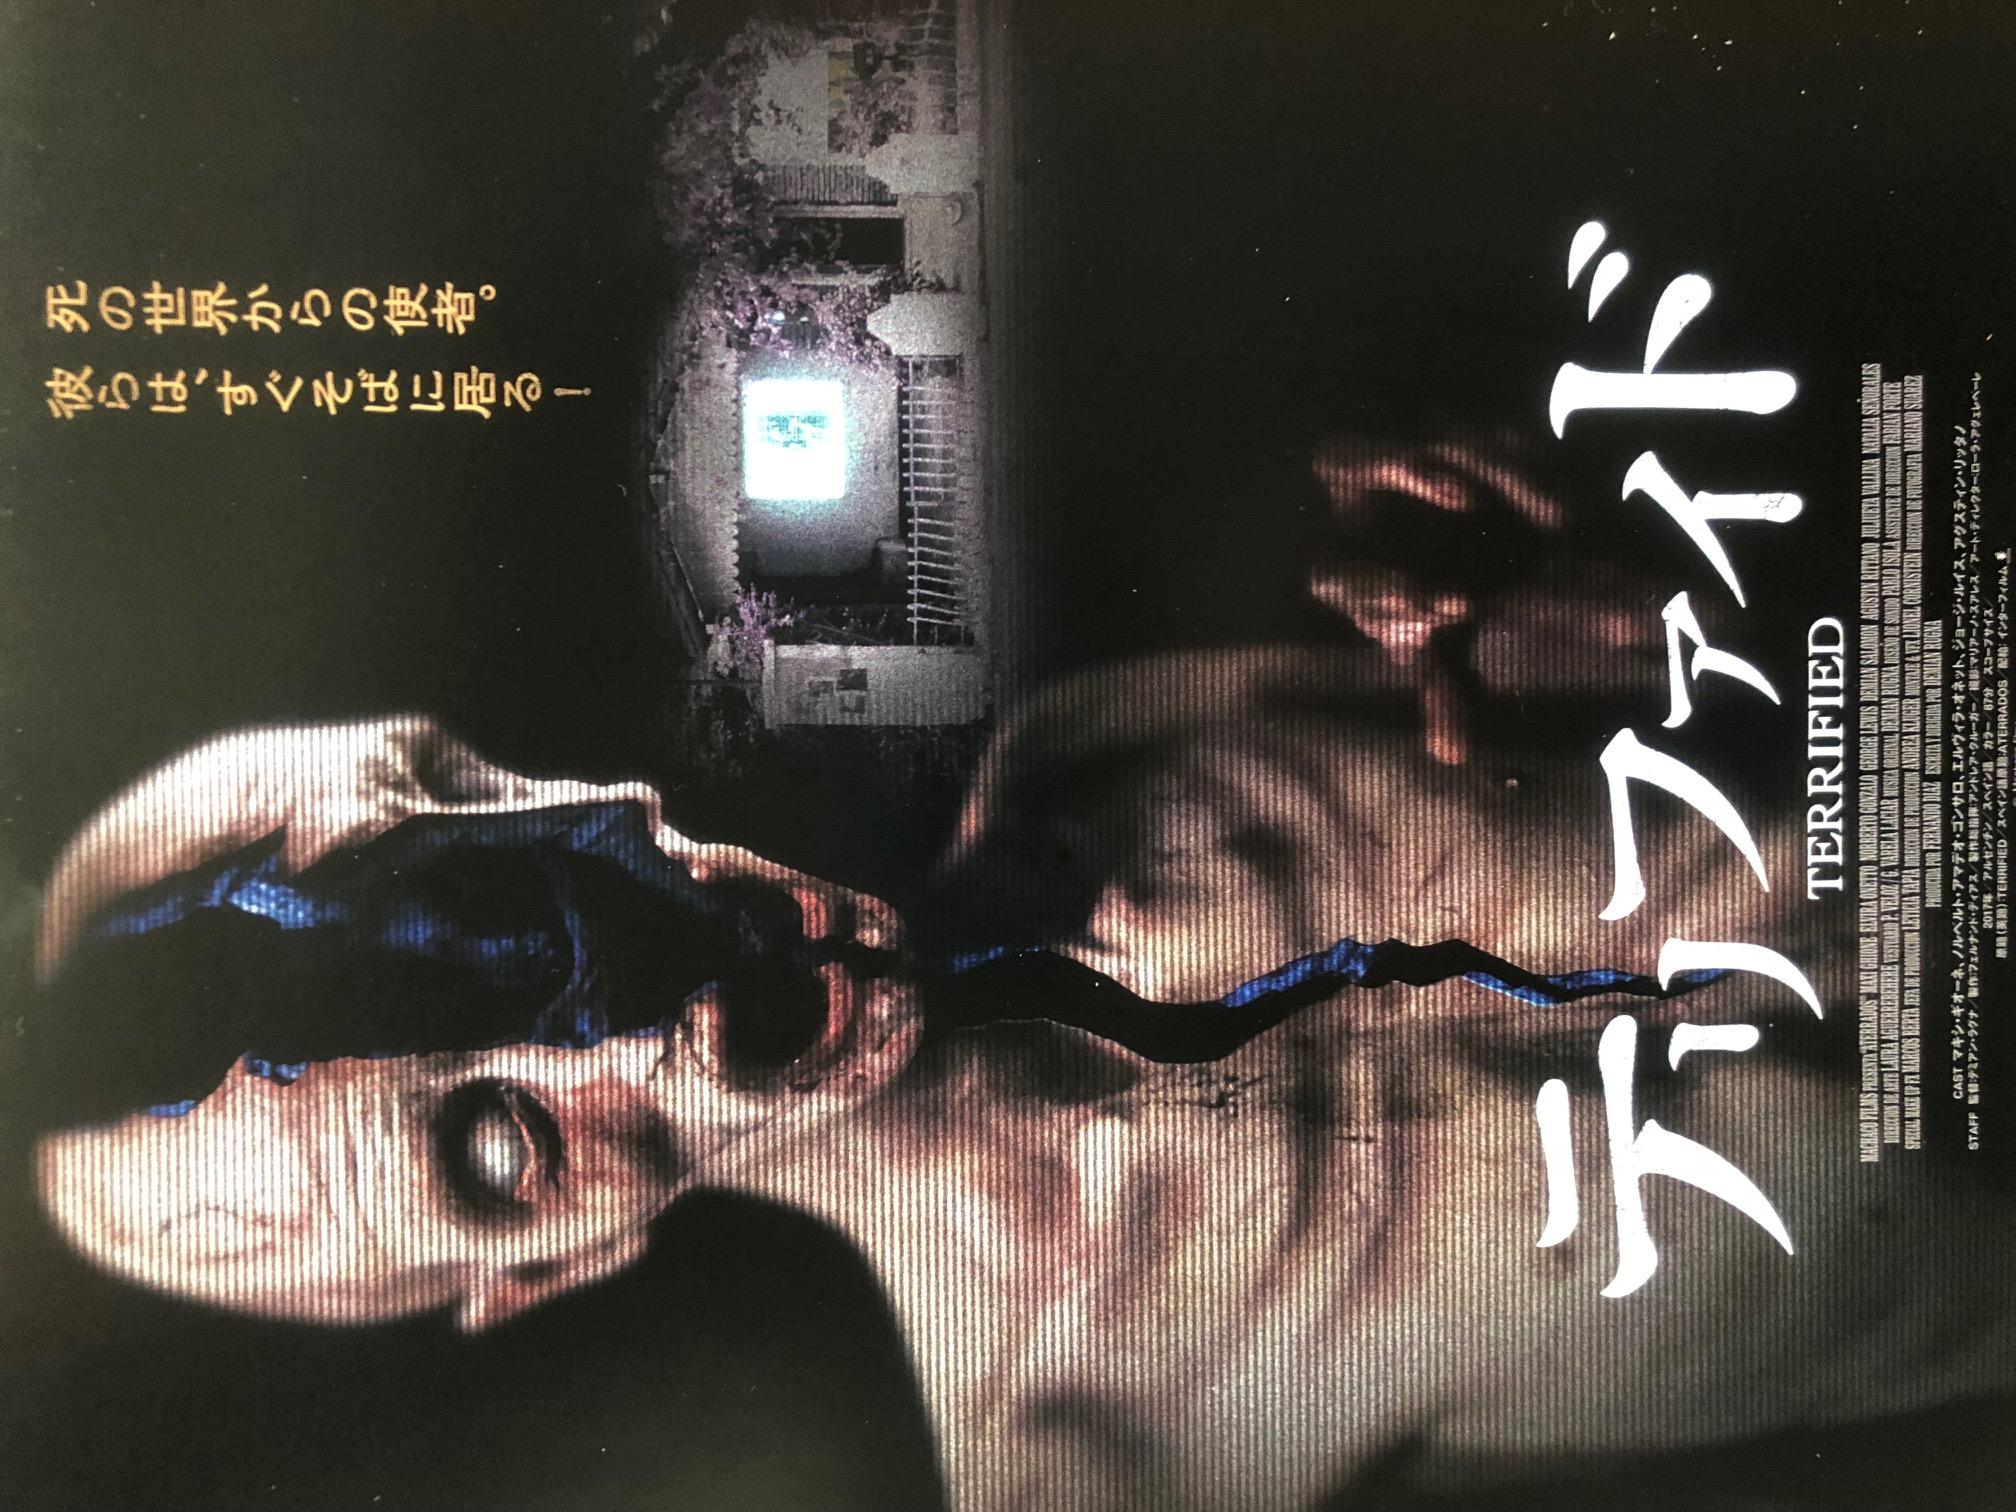 未体験ゾーンの映画たち in ヒューマントラストシネマ渋谷